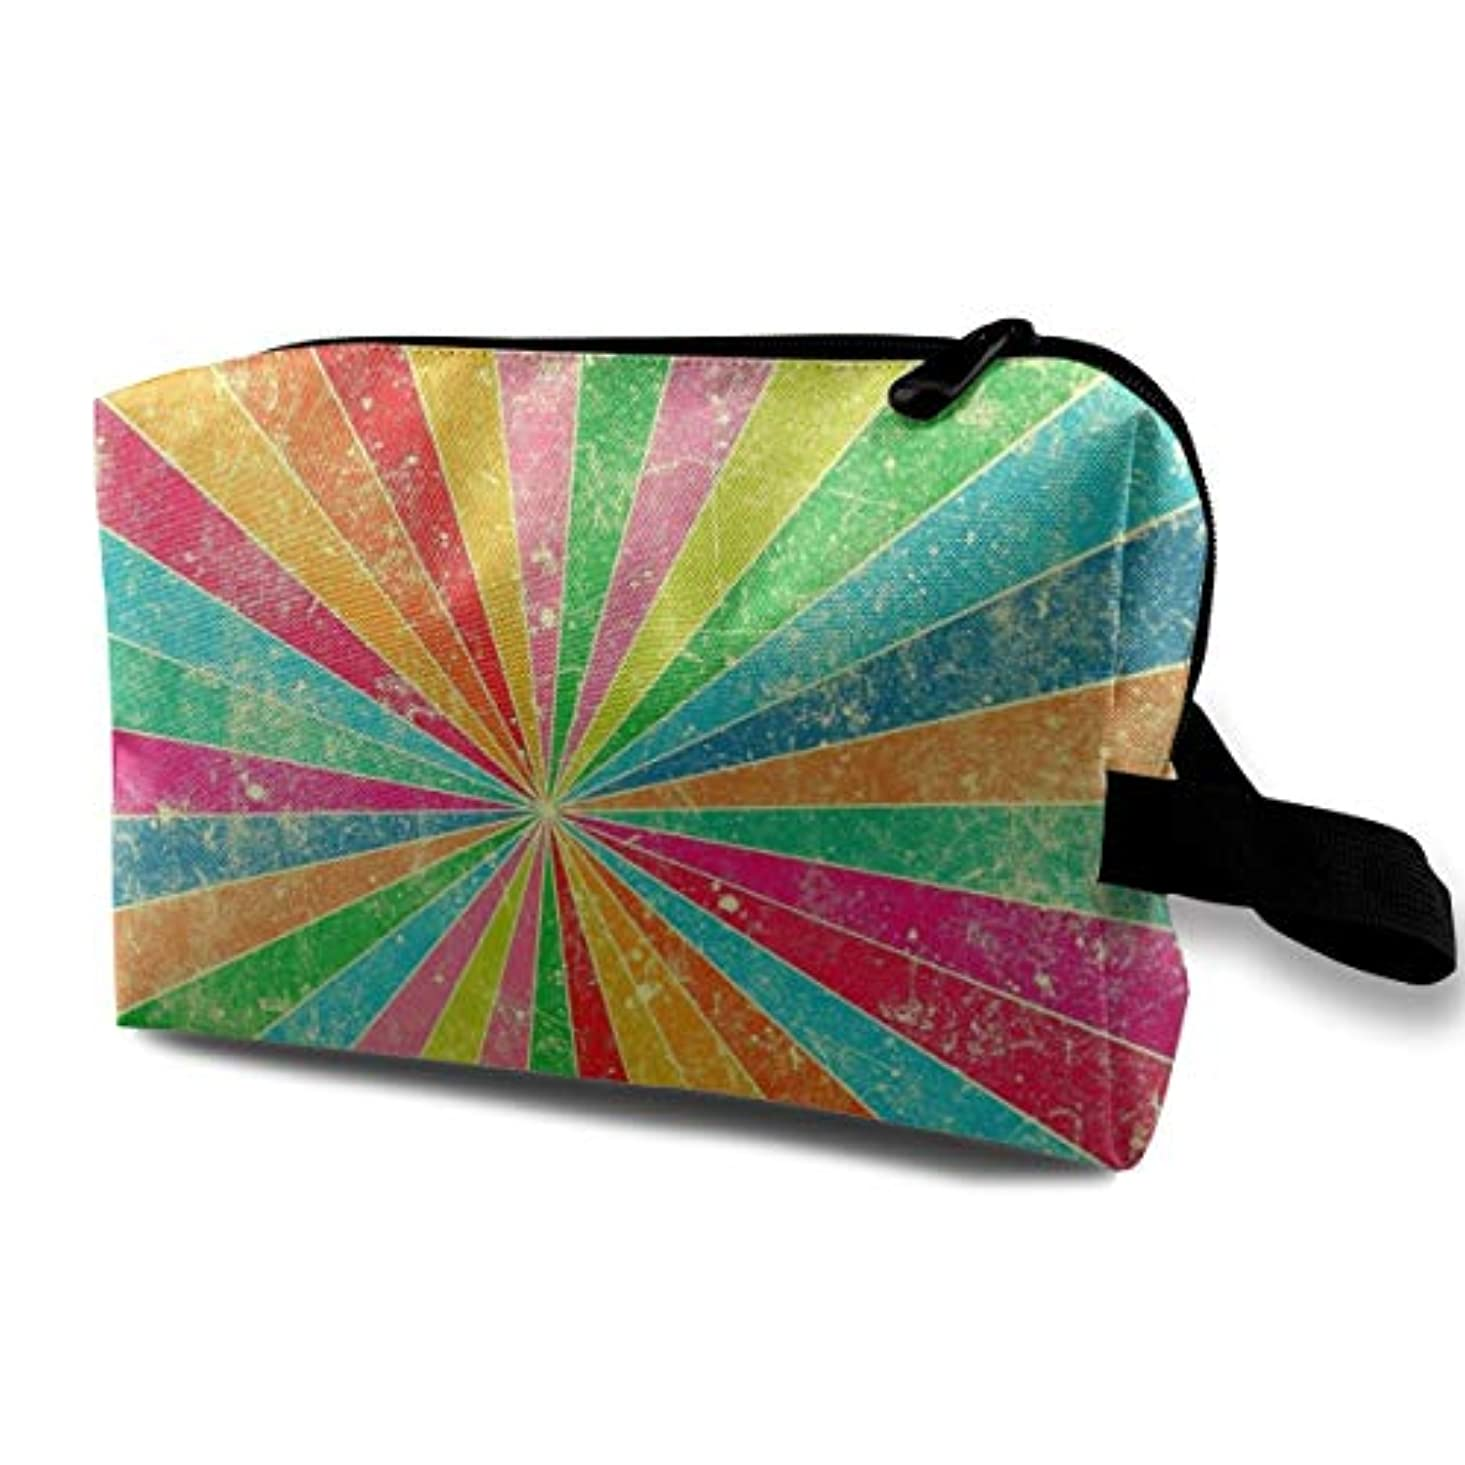 アヒル乱雑な邪魔するArtistic Rainbow 収納ポーチ 化粧ポーチ 大容量 軽量 耐久性 ハンドル付持ち運び便利。入れ 自宅?出張?旅行?アウトドア撮影などに対応。メンズ レディース トラベルグッズ